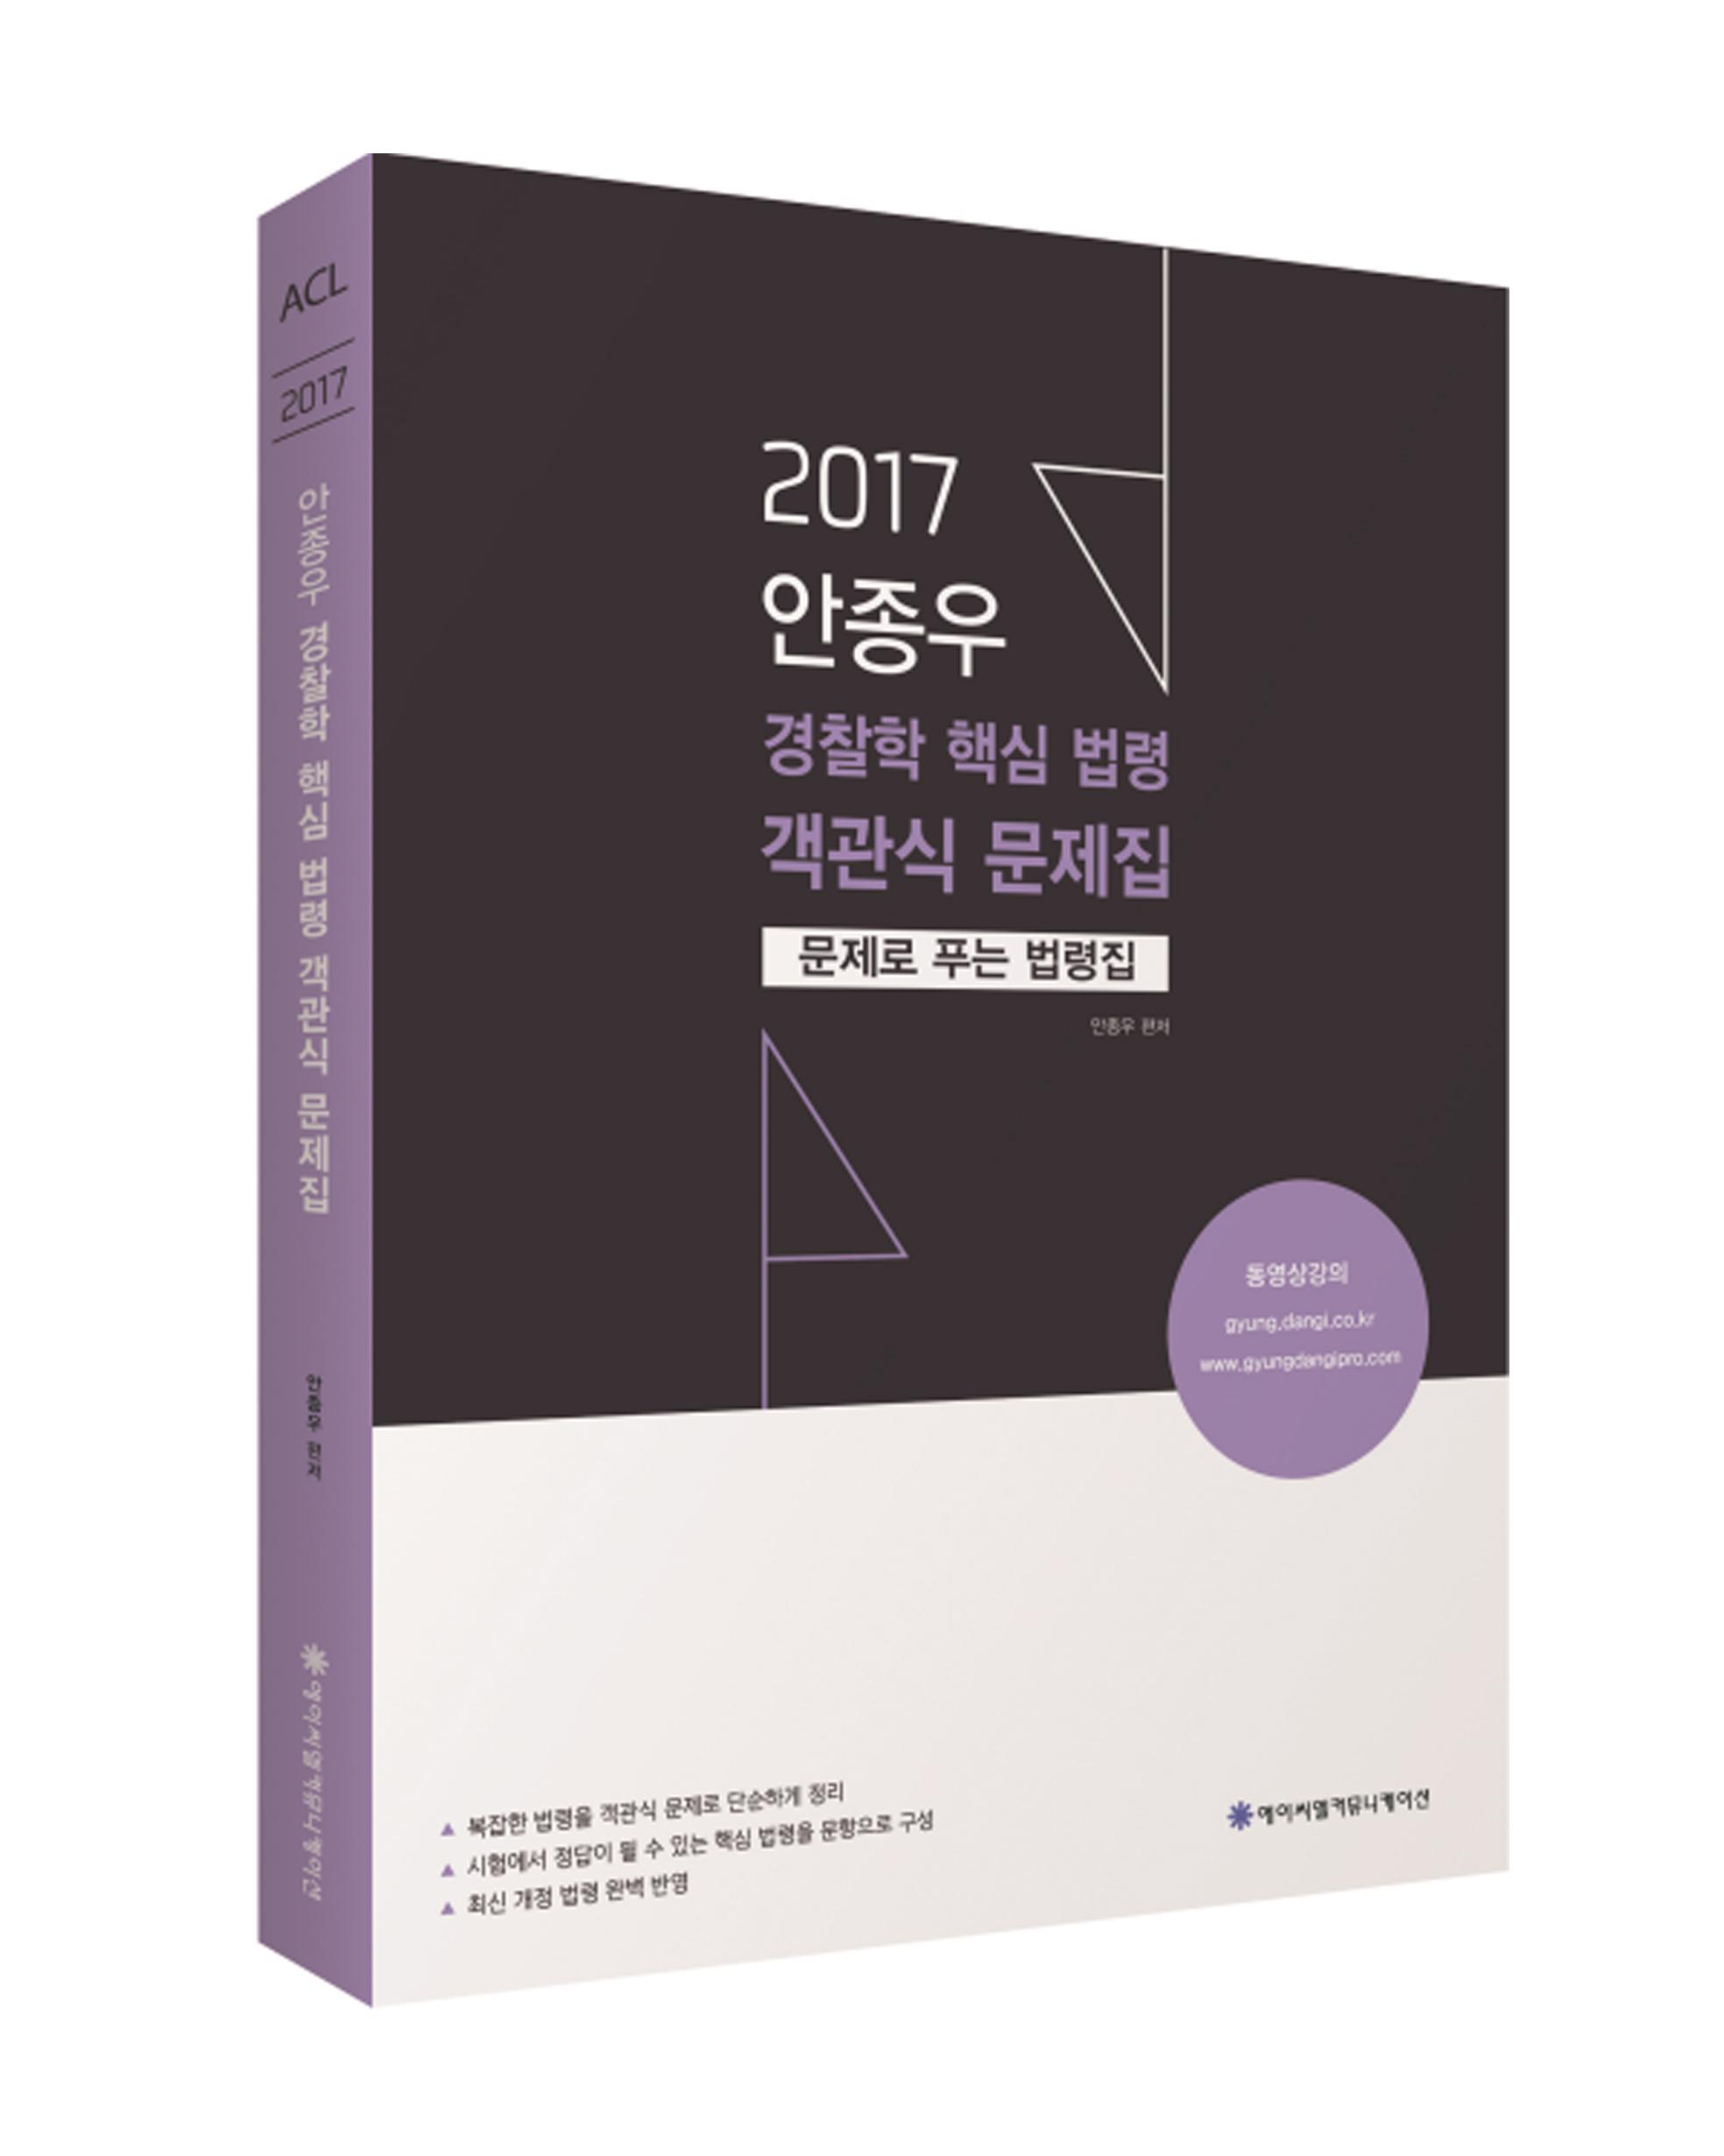 2017 ACL 안종우 경찰학 핵심법령 객관식문제집